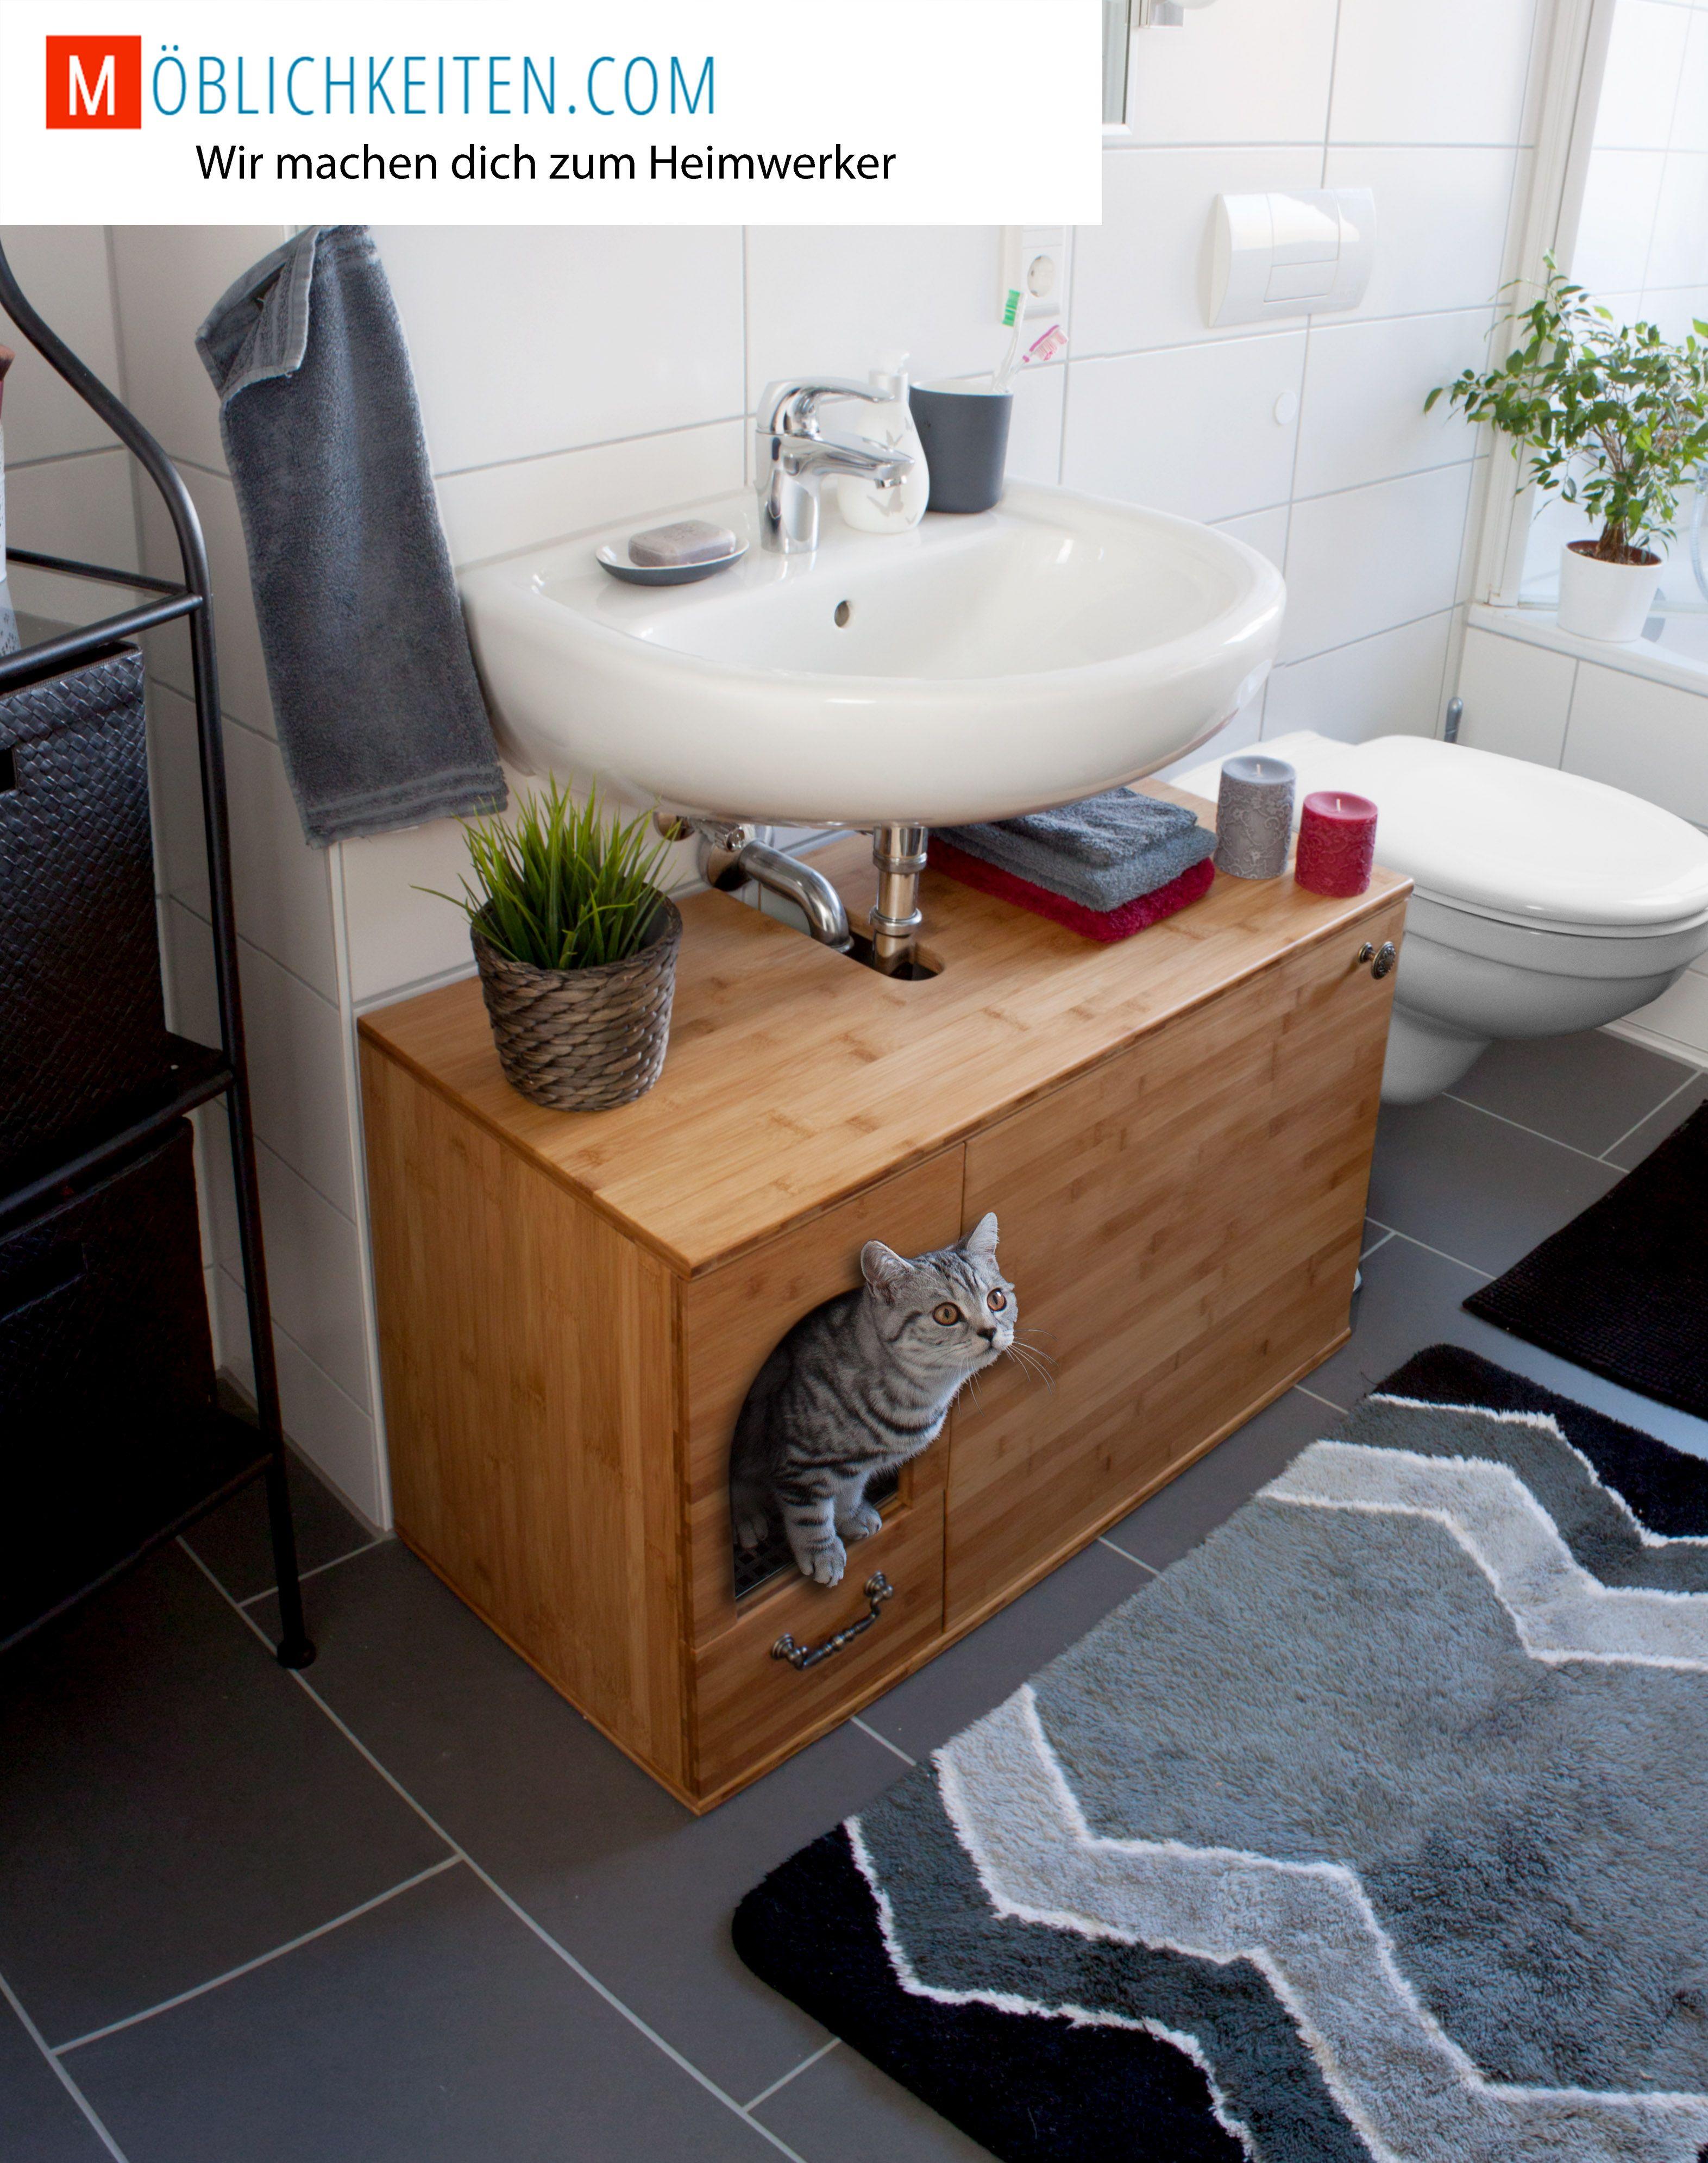 Katzenklo Als Waschbecken Unterschrank Schluss Mit Dem Billigen Katzenklo Aus Plastik Und Schluss Mit Verteiltem Ka Katzen Klo Katzen Toilette Katzentoilette